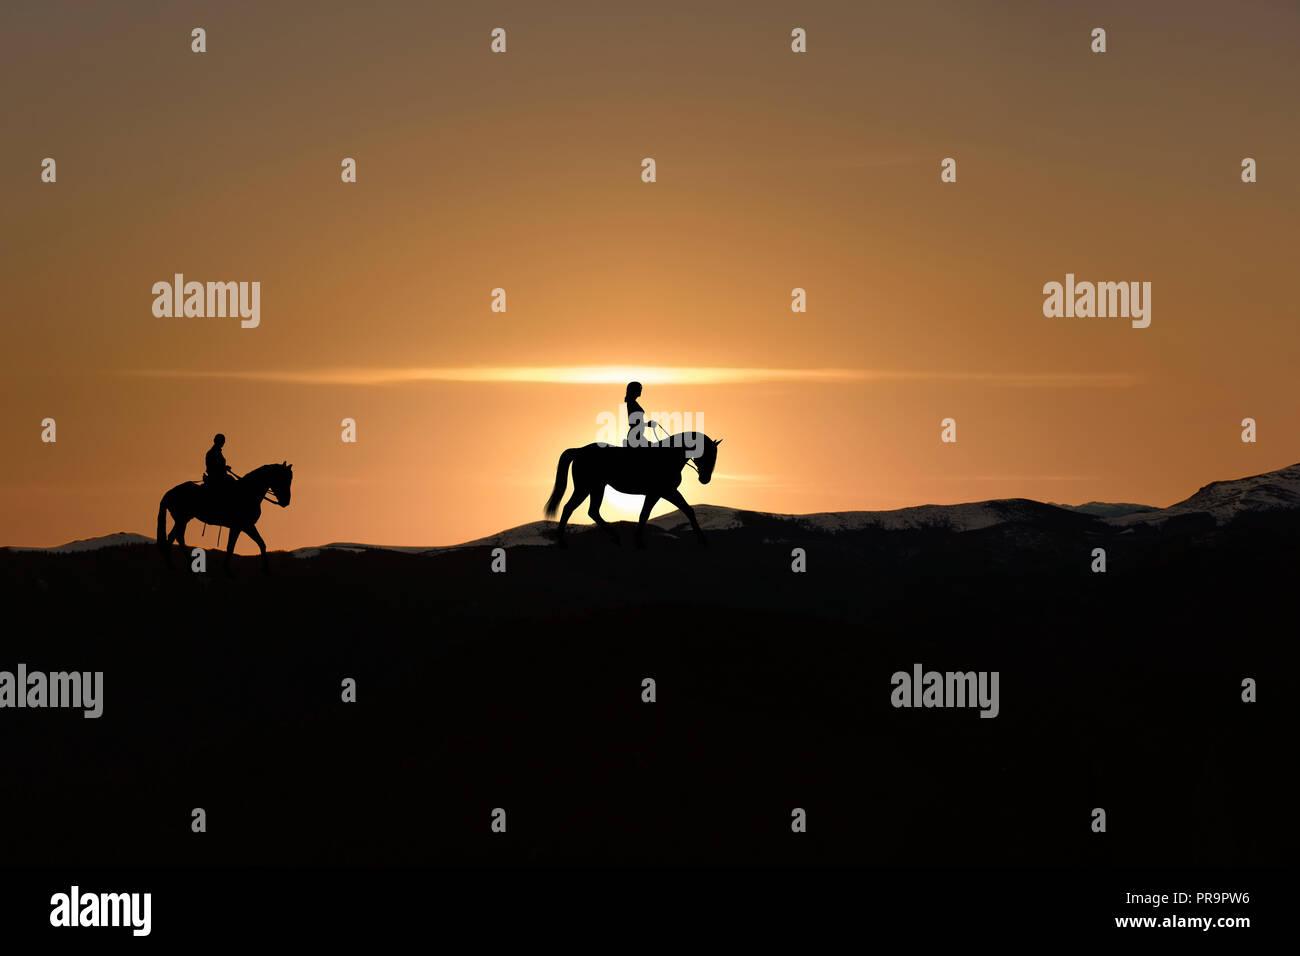 Silhouette of man and woman riding horse sur horizon comme le soleil se couche Banque D'Images